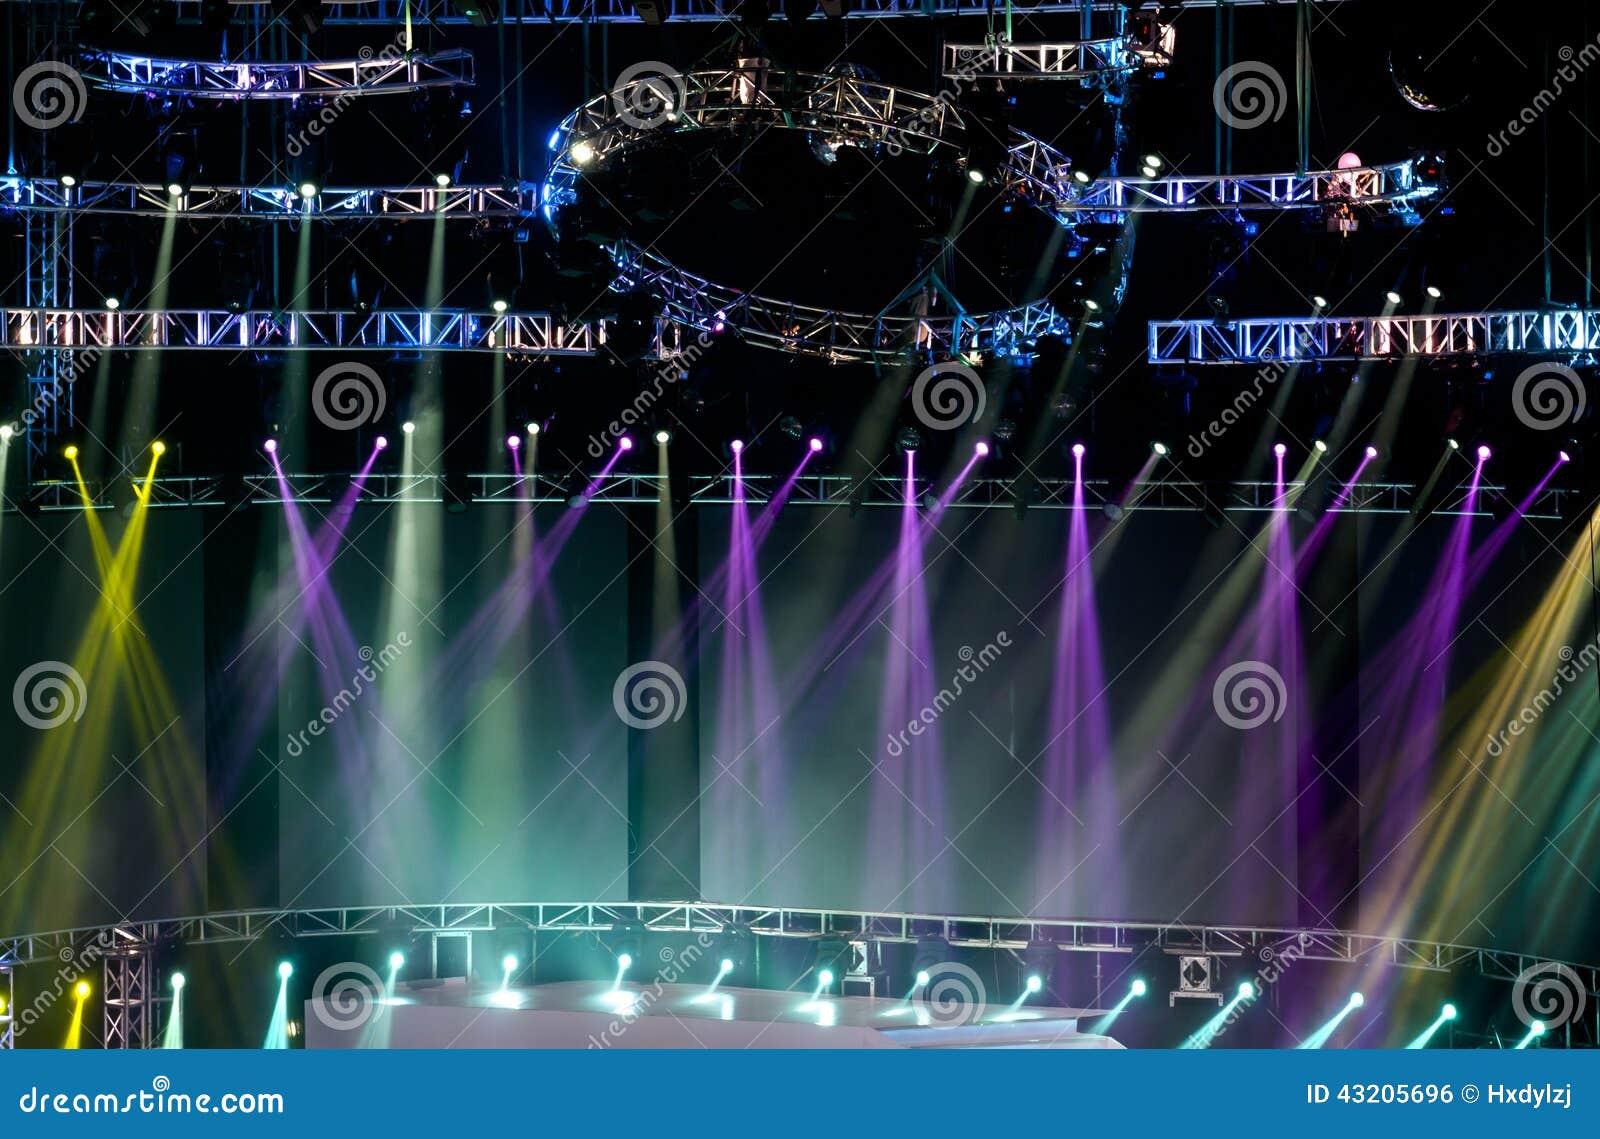 Download Laser-strålar Riktar Uppmärksamheten På Etappen Stock Illustrationer - Illustration av live, färg: 43205696